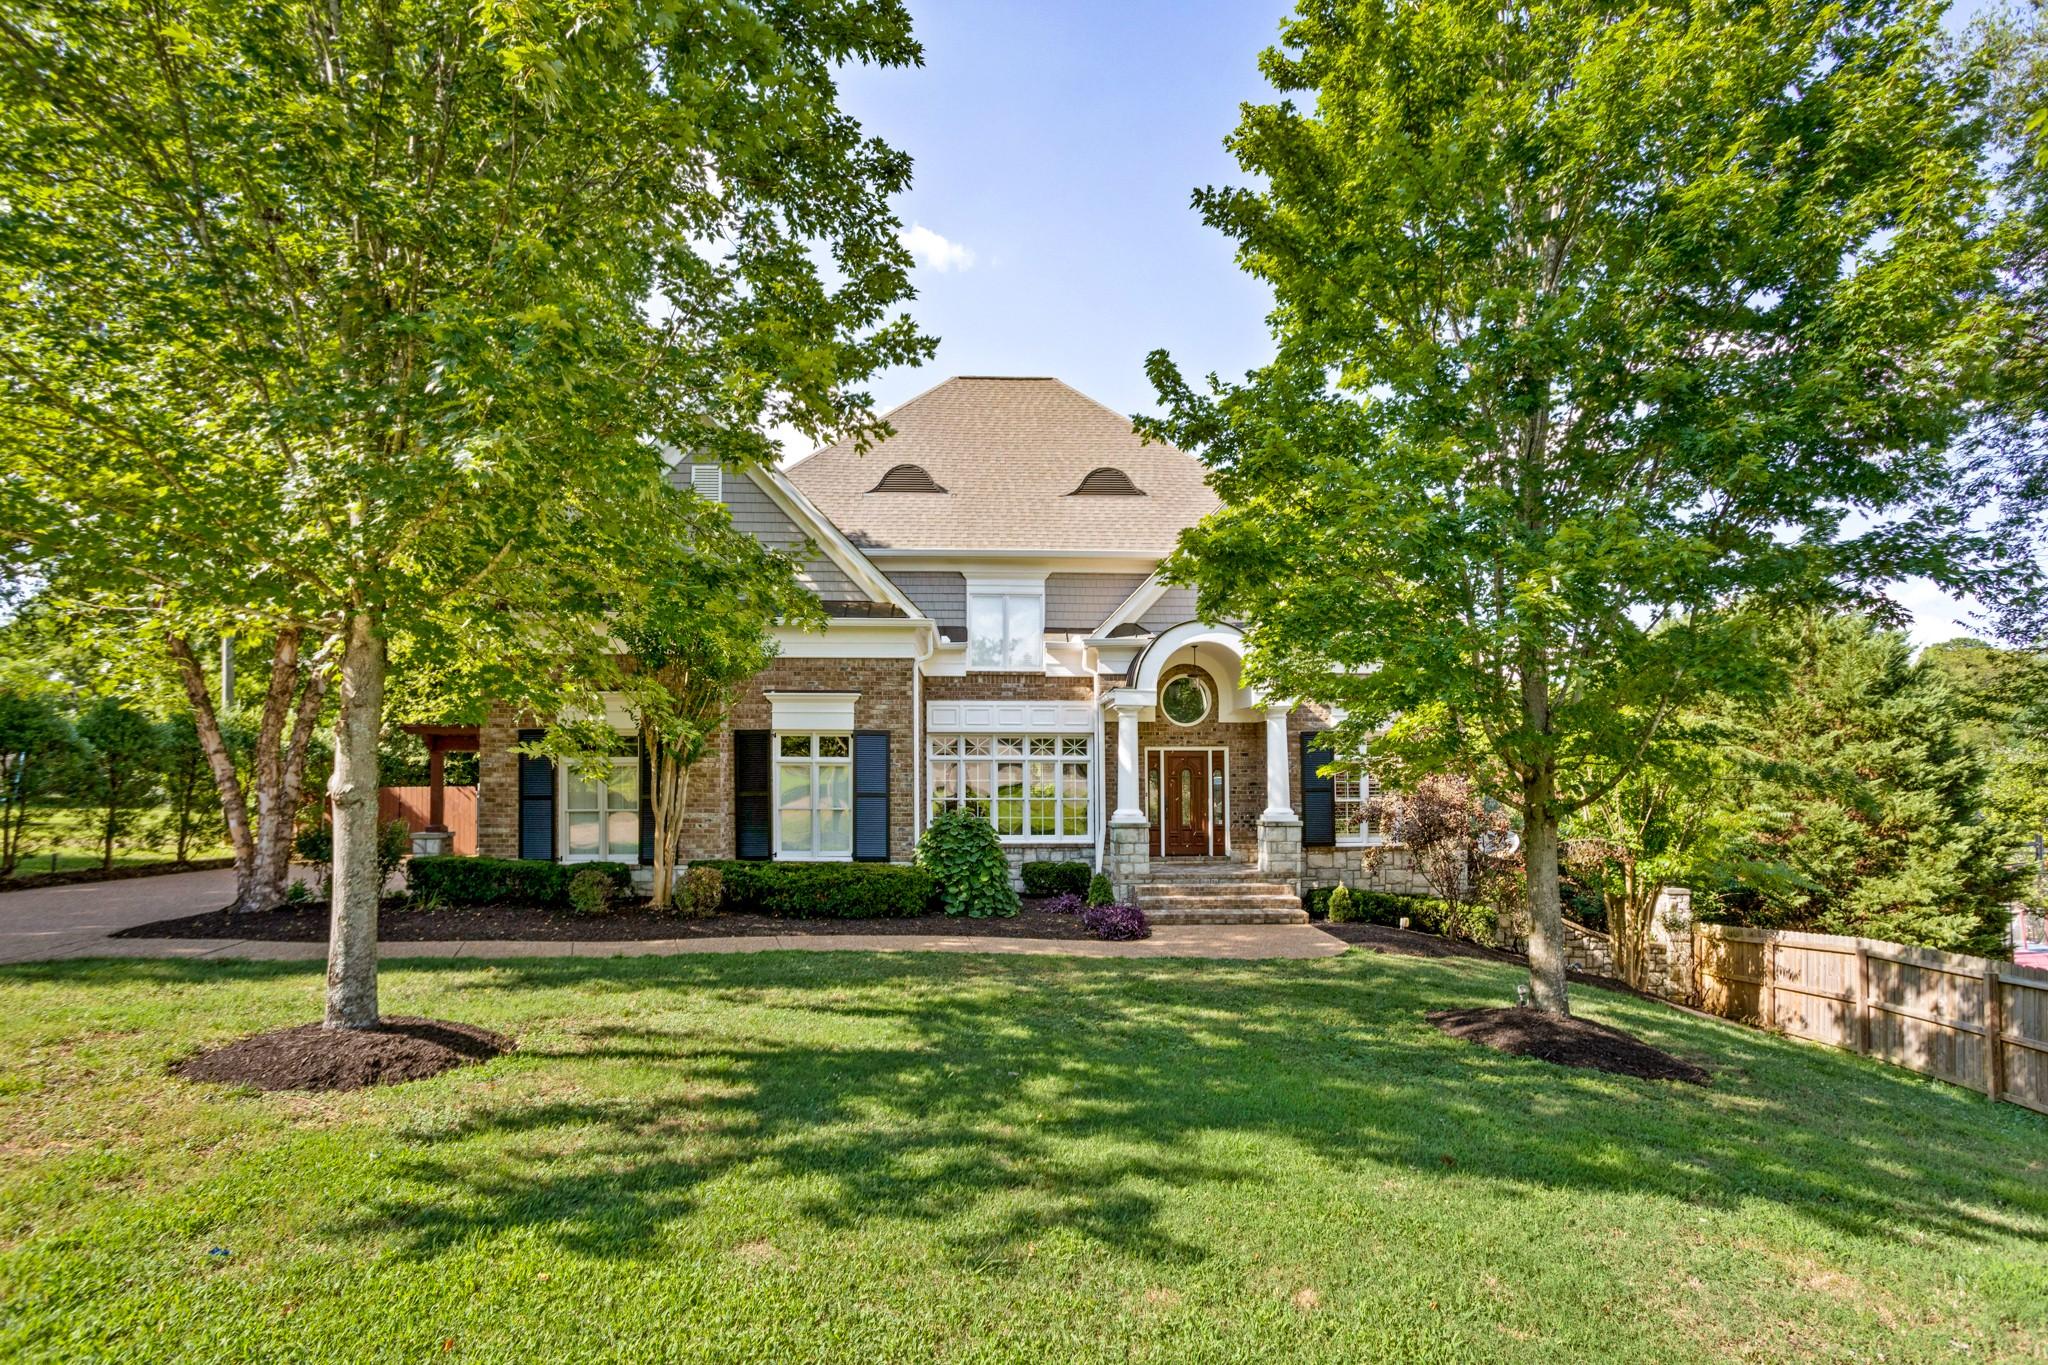 804 Alder Ct Property Photo - Nashville, TN real estate listing